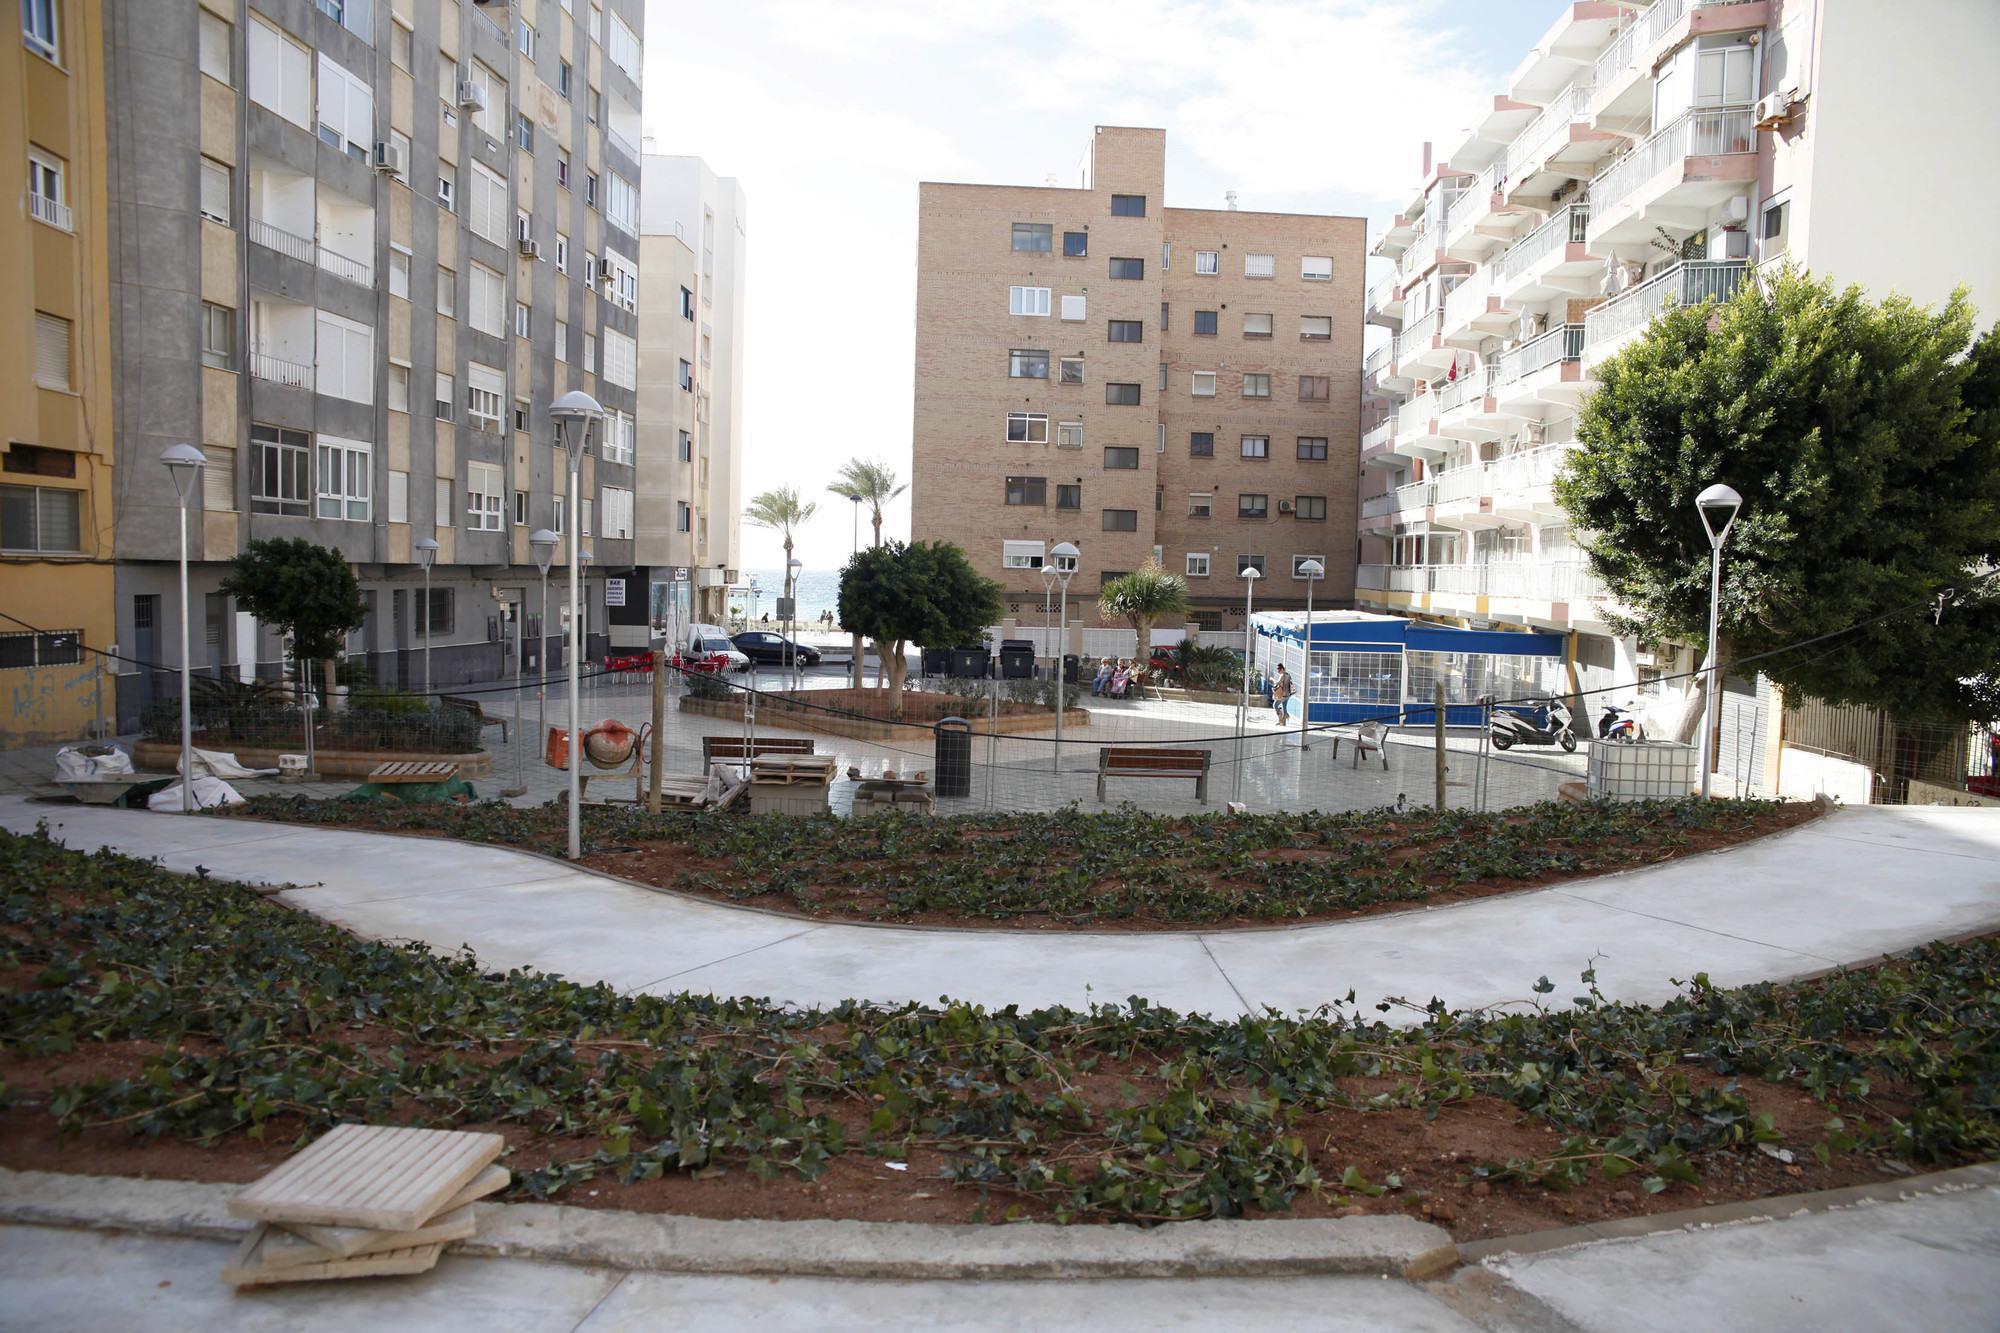 Abierto un nuevo paso al mar ampliando la plaza for Pisos estudiantes almeria